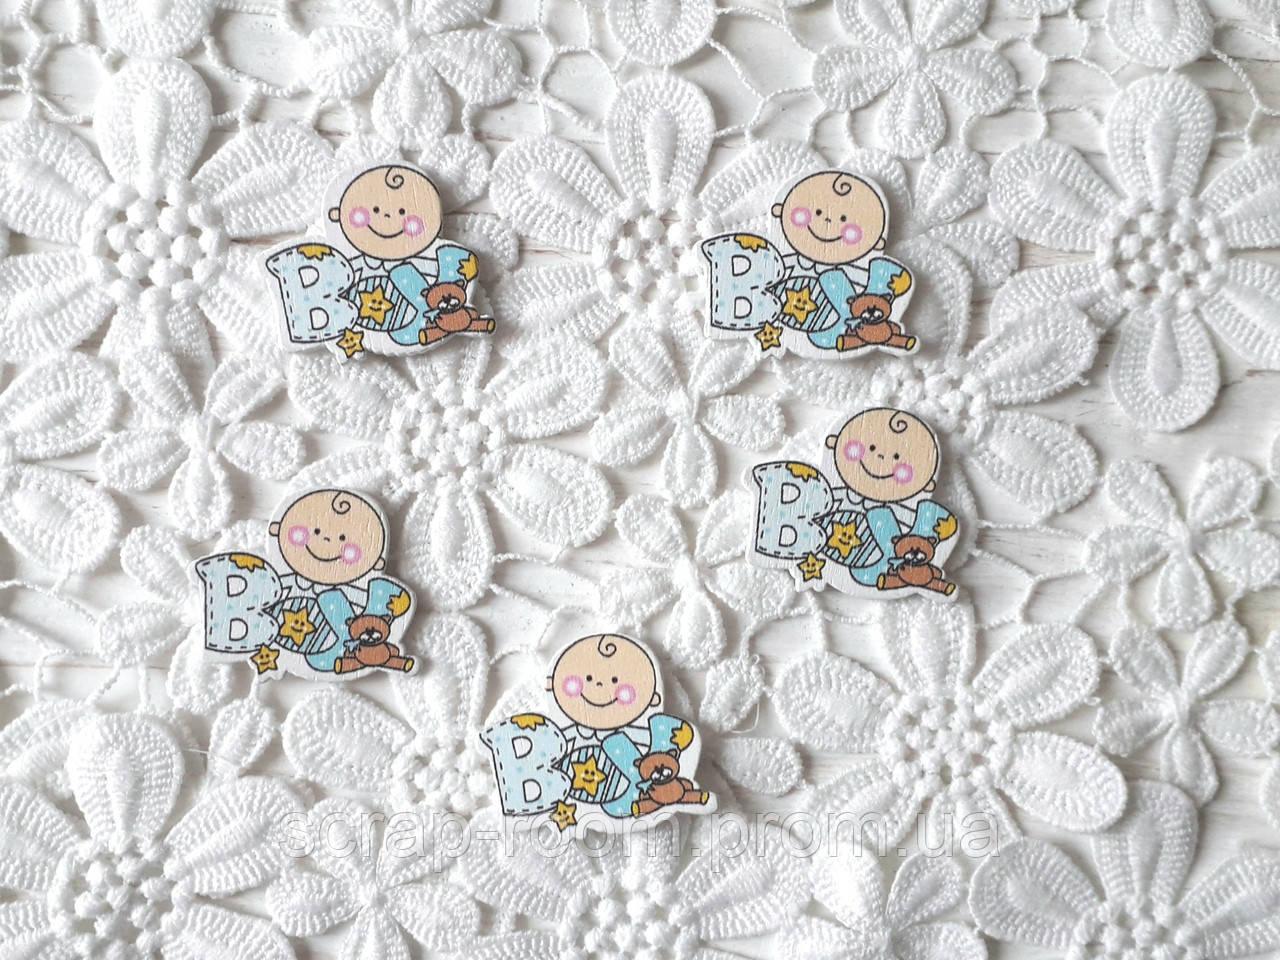 Деревянный кабошон детский Мальчик с надписью BOY c мишкой, baby мальчик голубой цвет